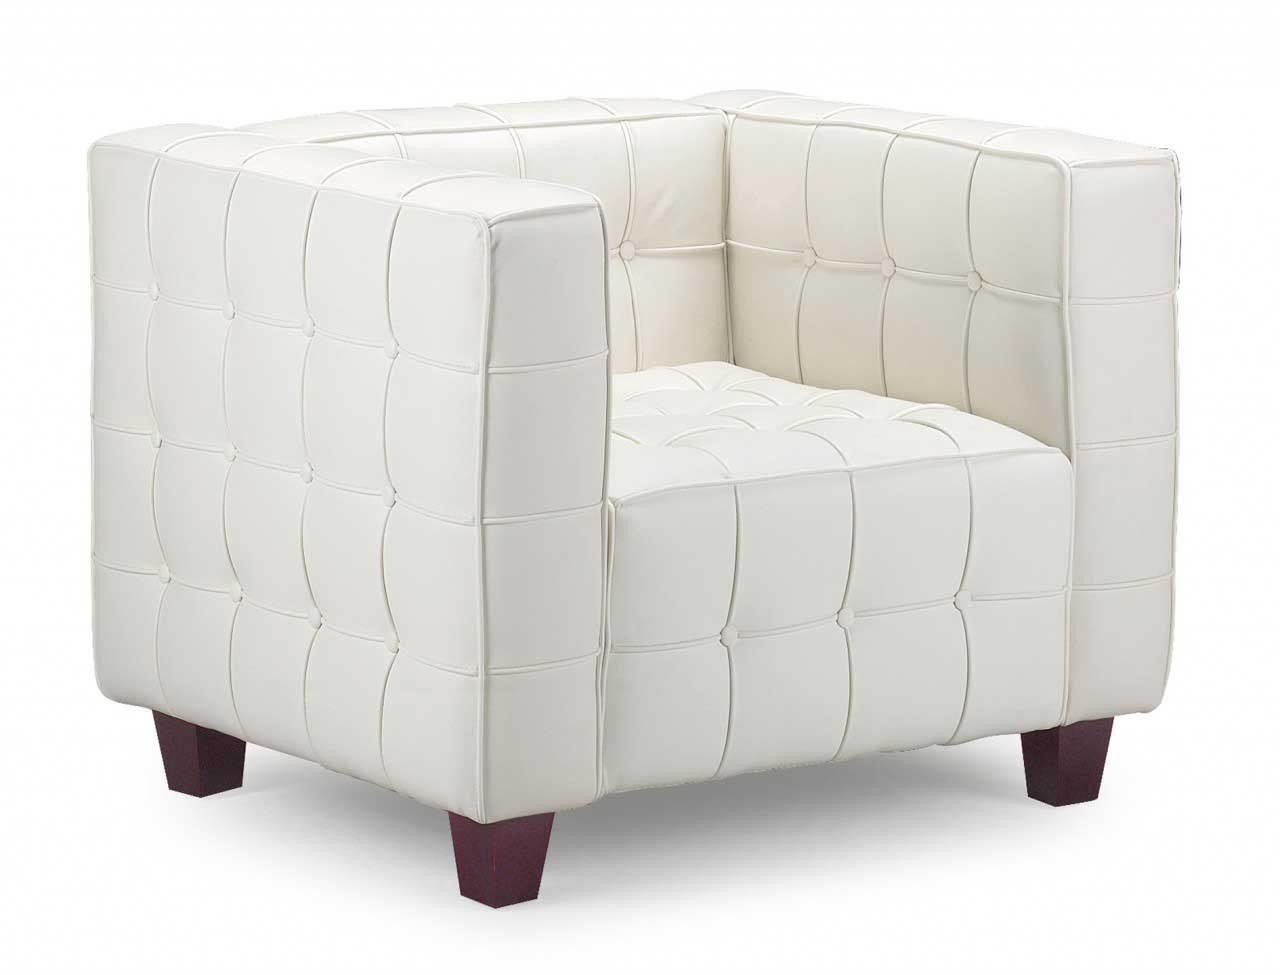 silln moderno de piel blanca - Sillon Moderno